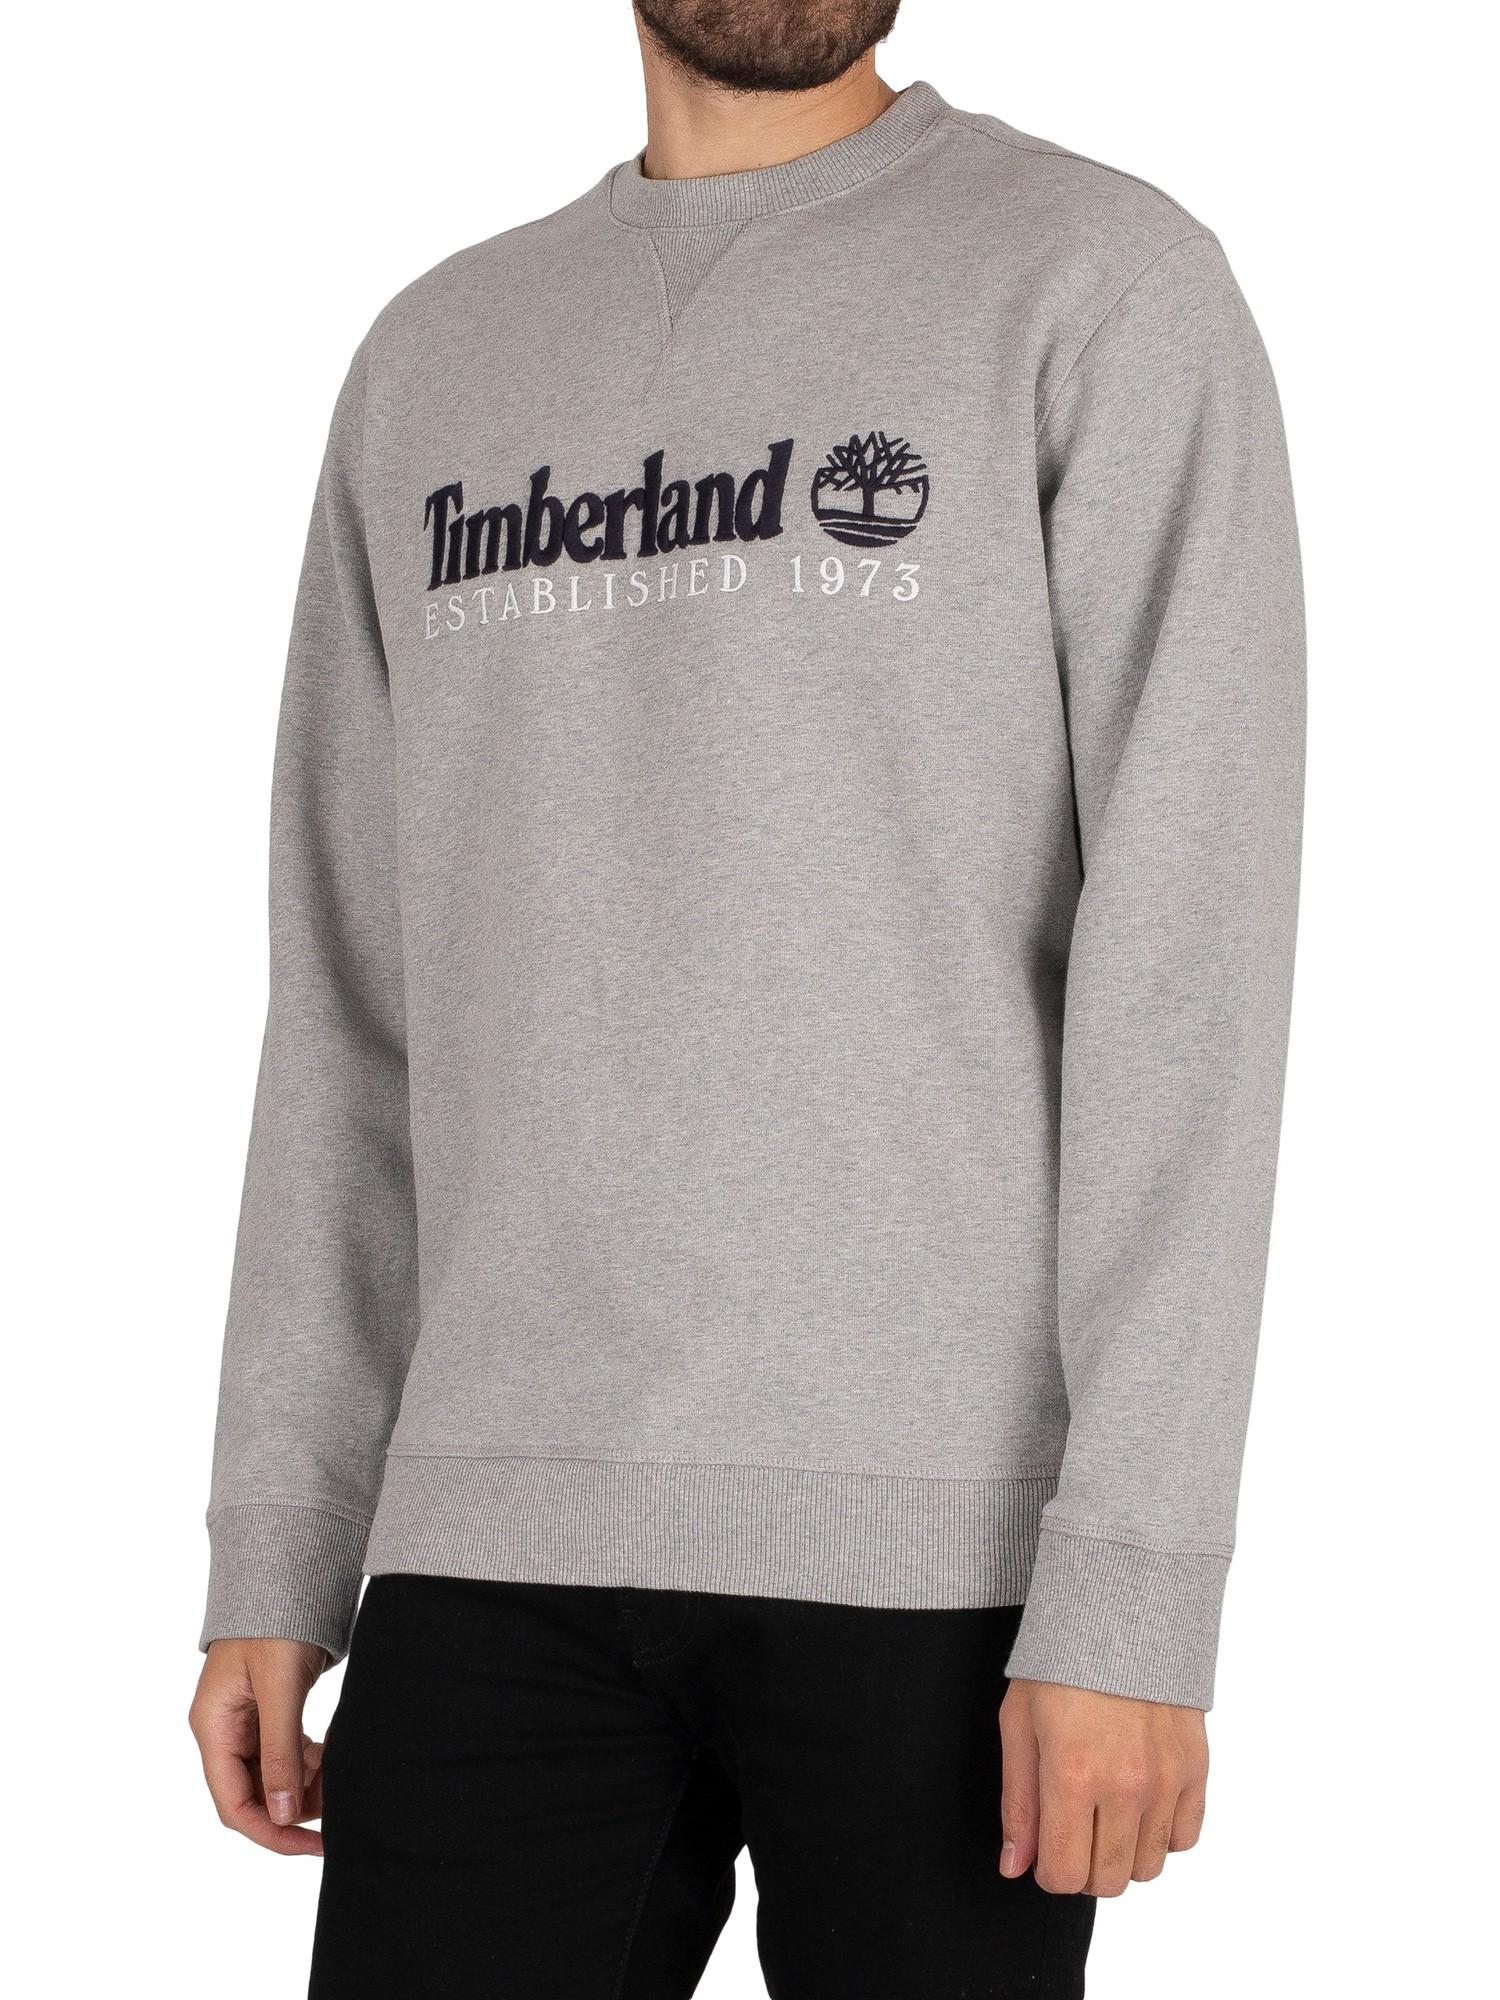 Established-1973-Sweatshirt